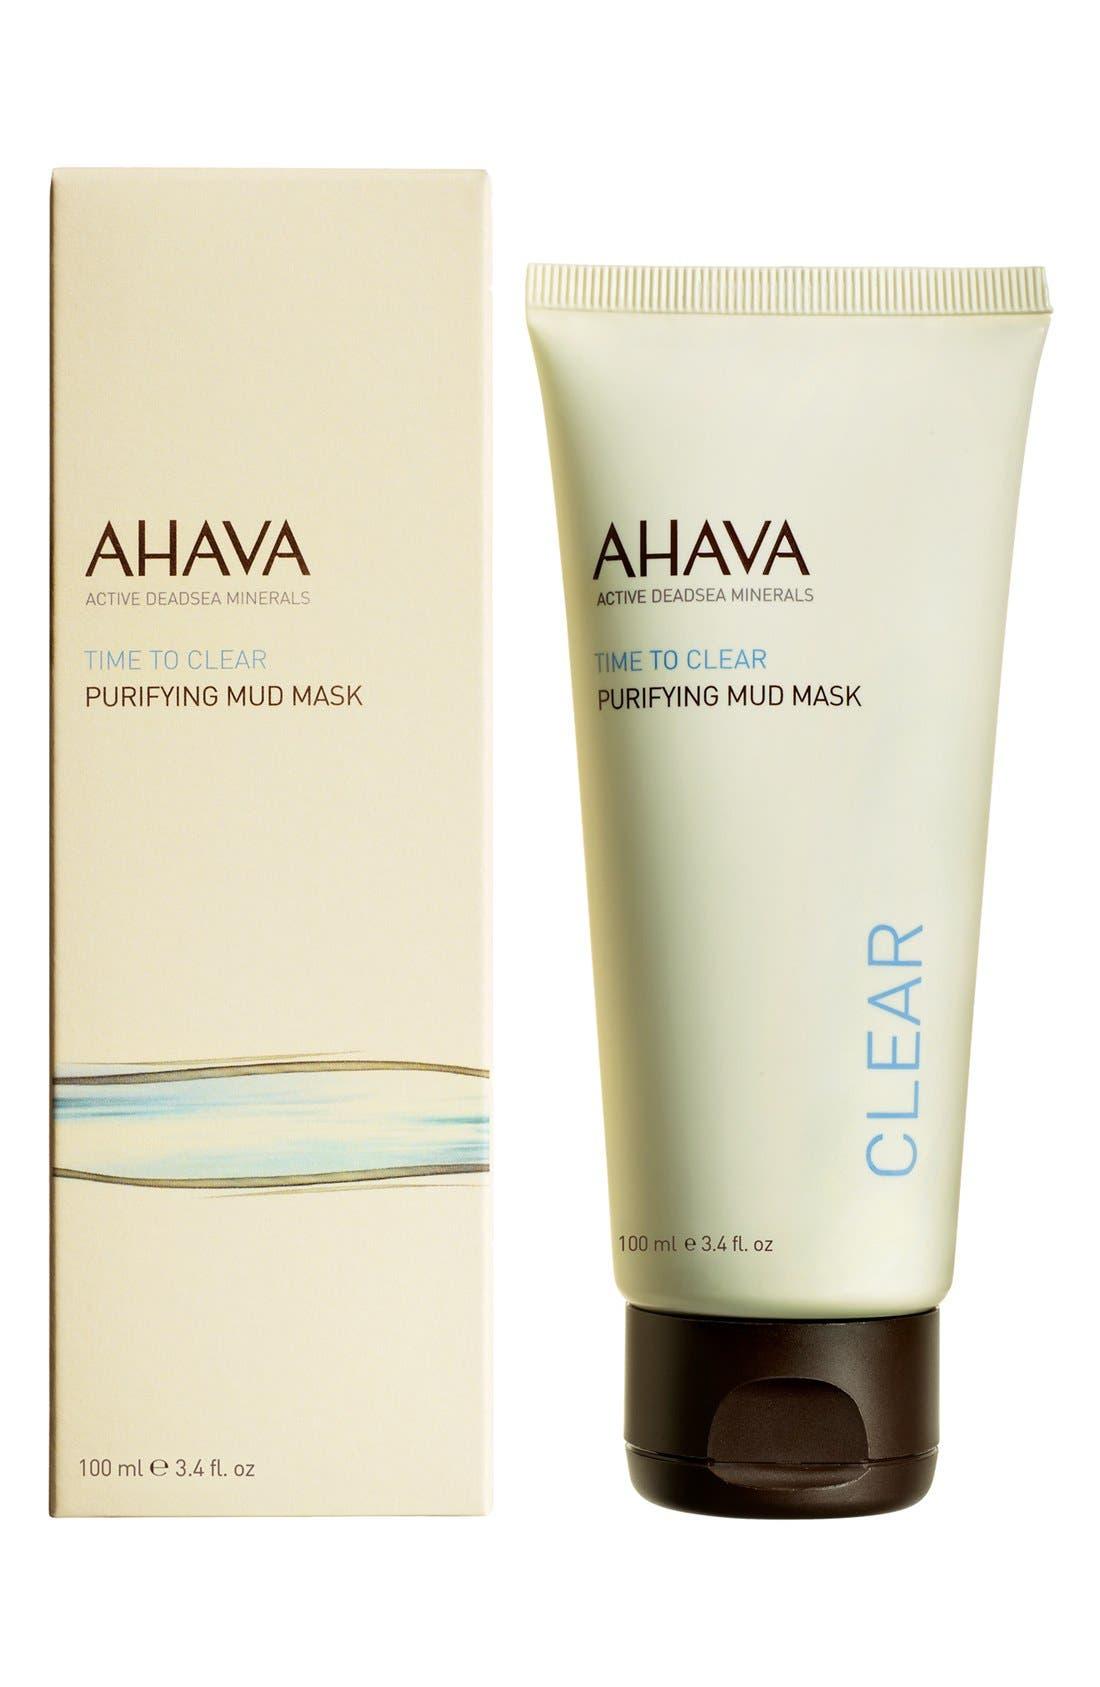 Image of AHAVA Purifying Mud Mask